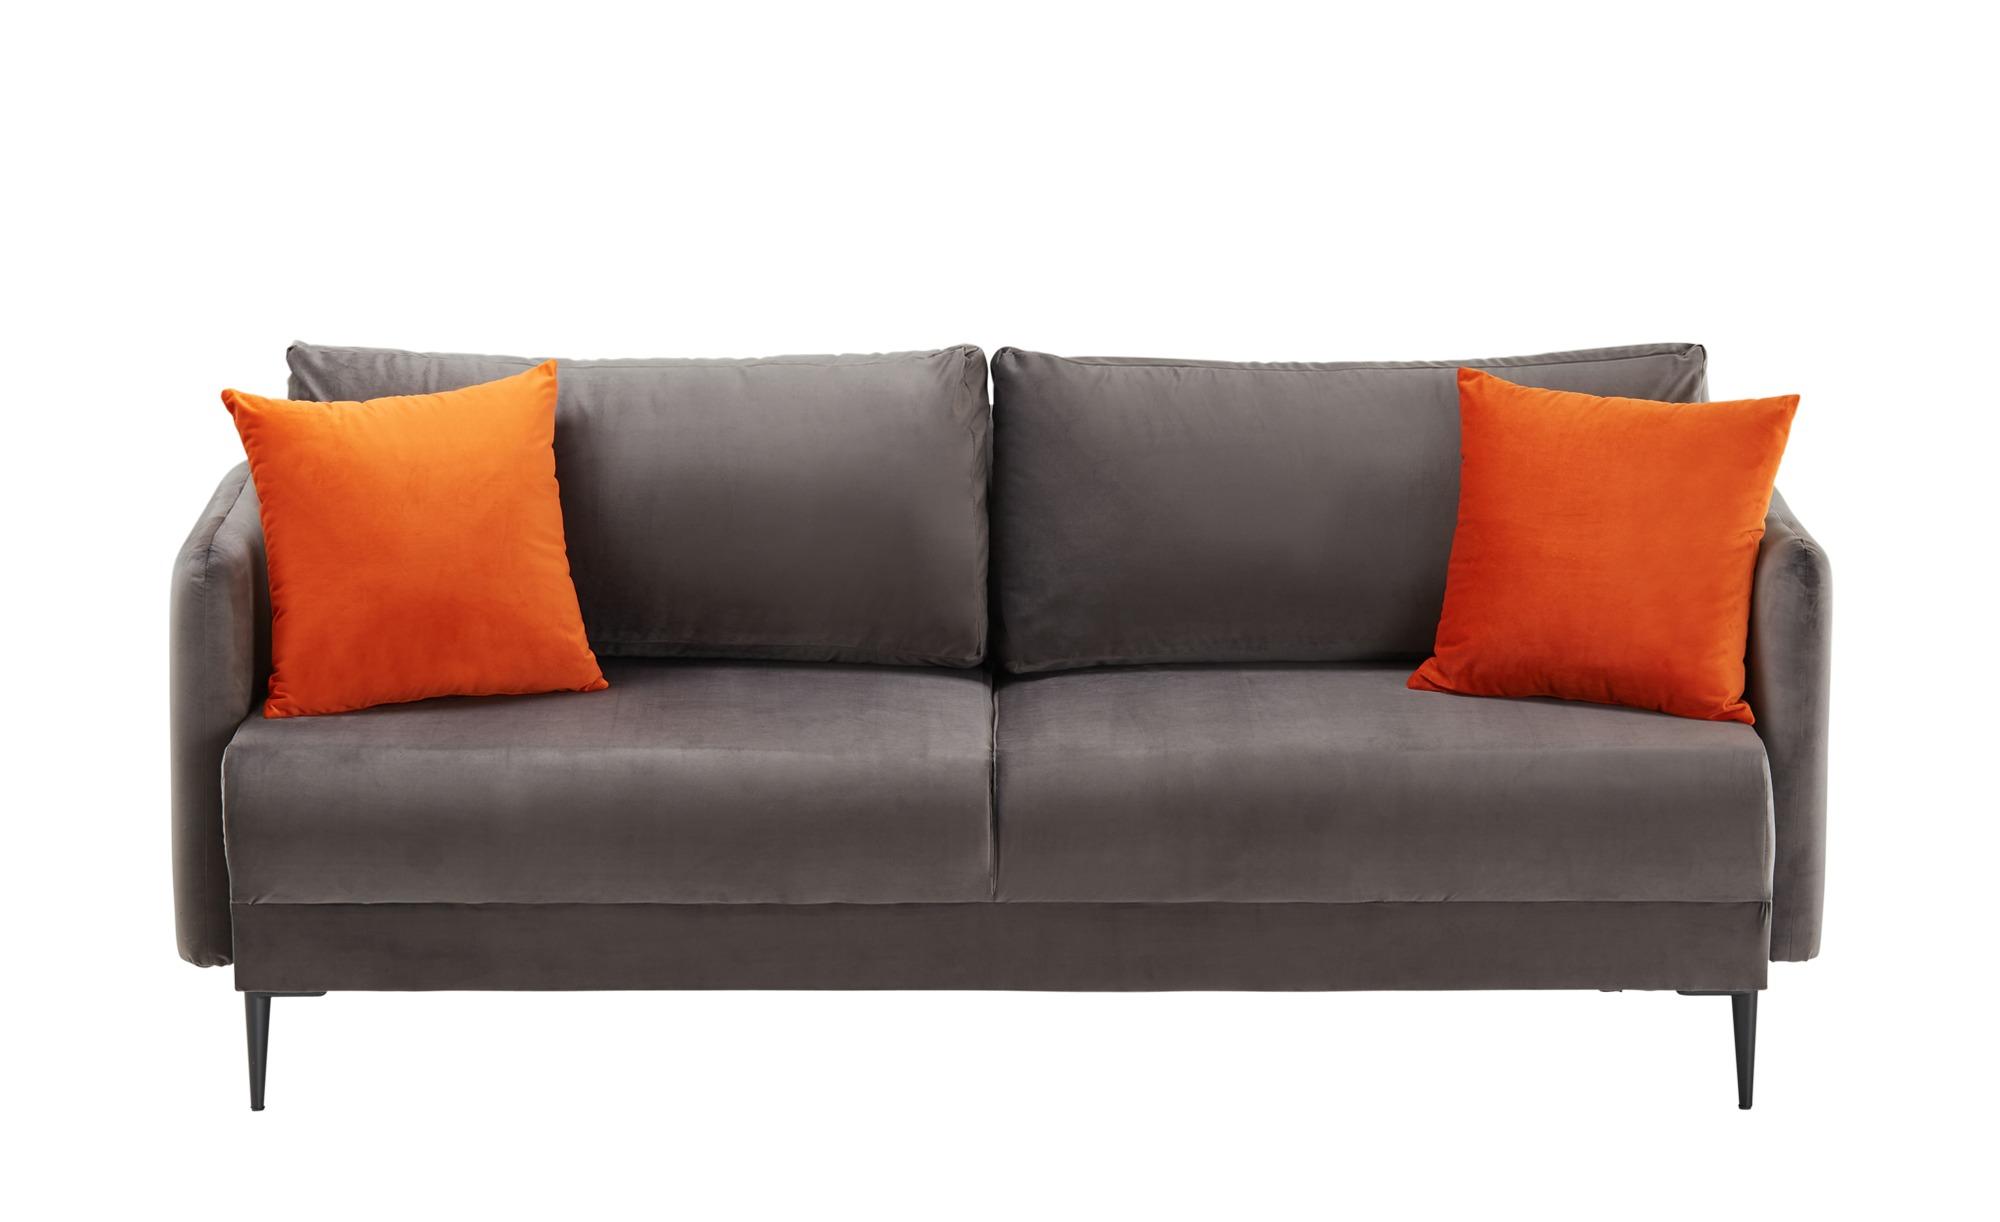 smart Sofa  Olianna ¦ grau ¦ Maße (cm): B: 200 H: 90 T: 88 Polstermöbel > Sofas > Einzelsofas - Höffner